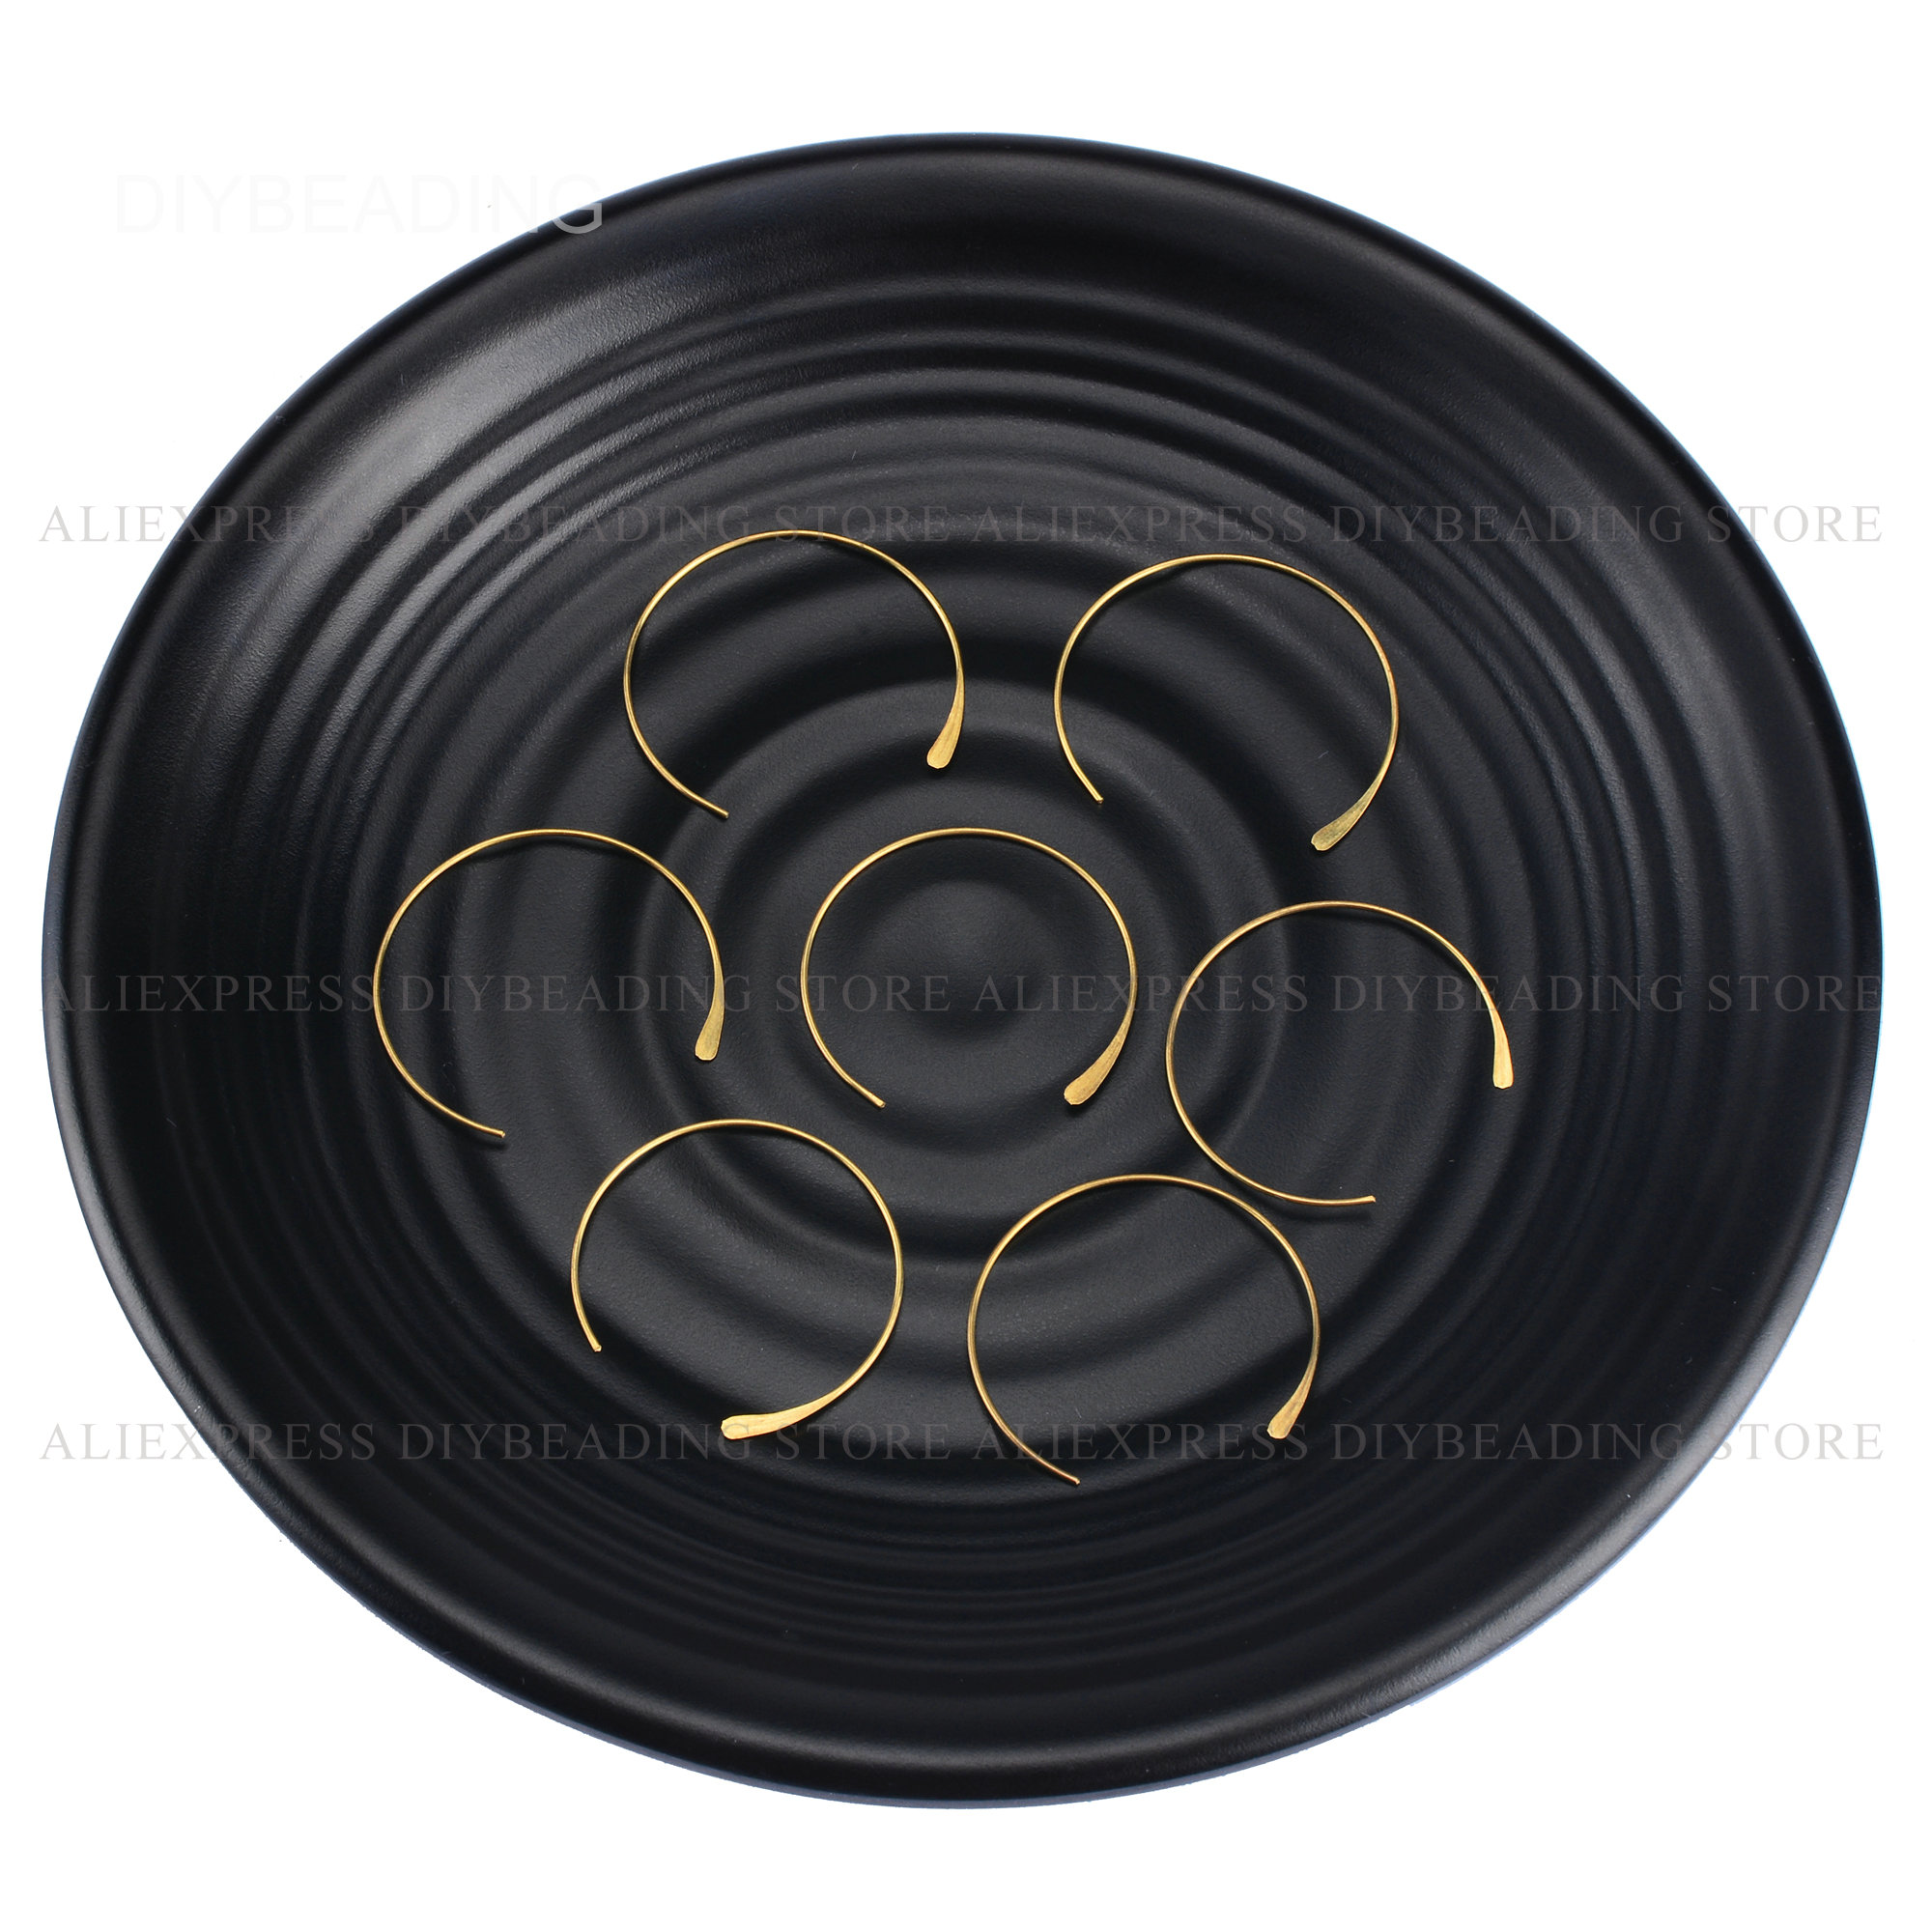 10-500 шт серьги-кольца оптом латунные круглые открытые круглые 21 Калибр ушные провода обруч компонент для изготовления серег